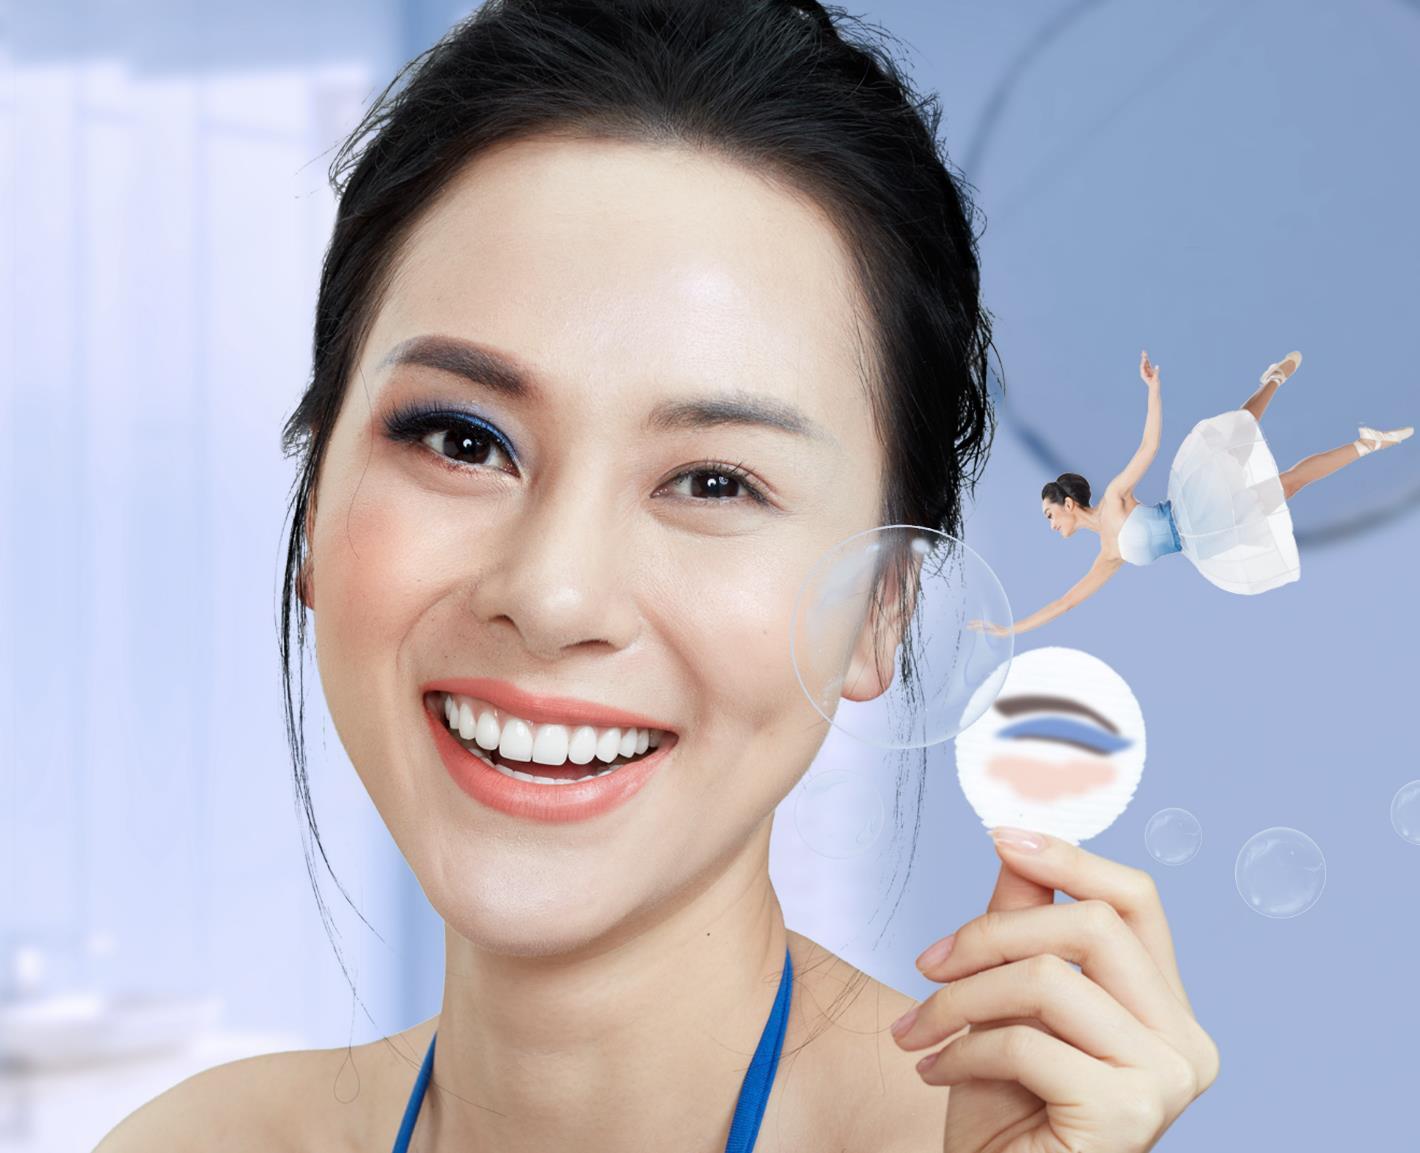 Tẩy trang sương sương chỉ với sữa rửa mặt khiến da giảm hô hấp oxy, bạn có biết? - Ảnh 3.